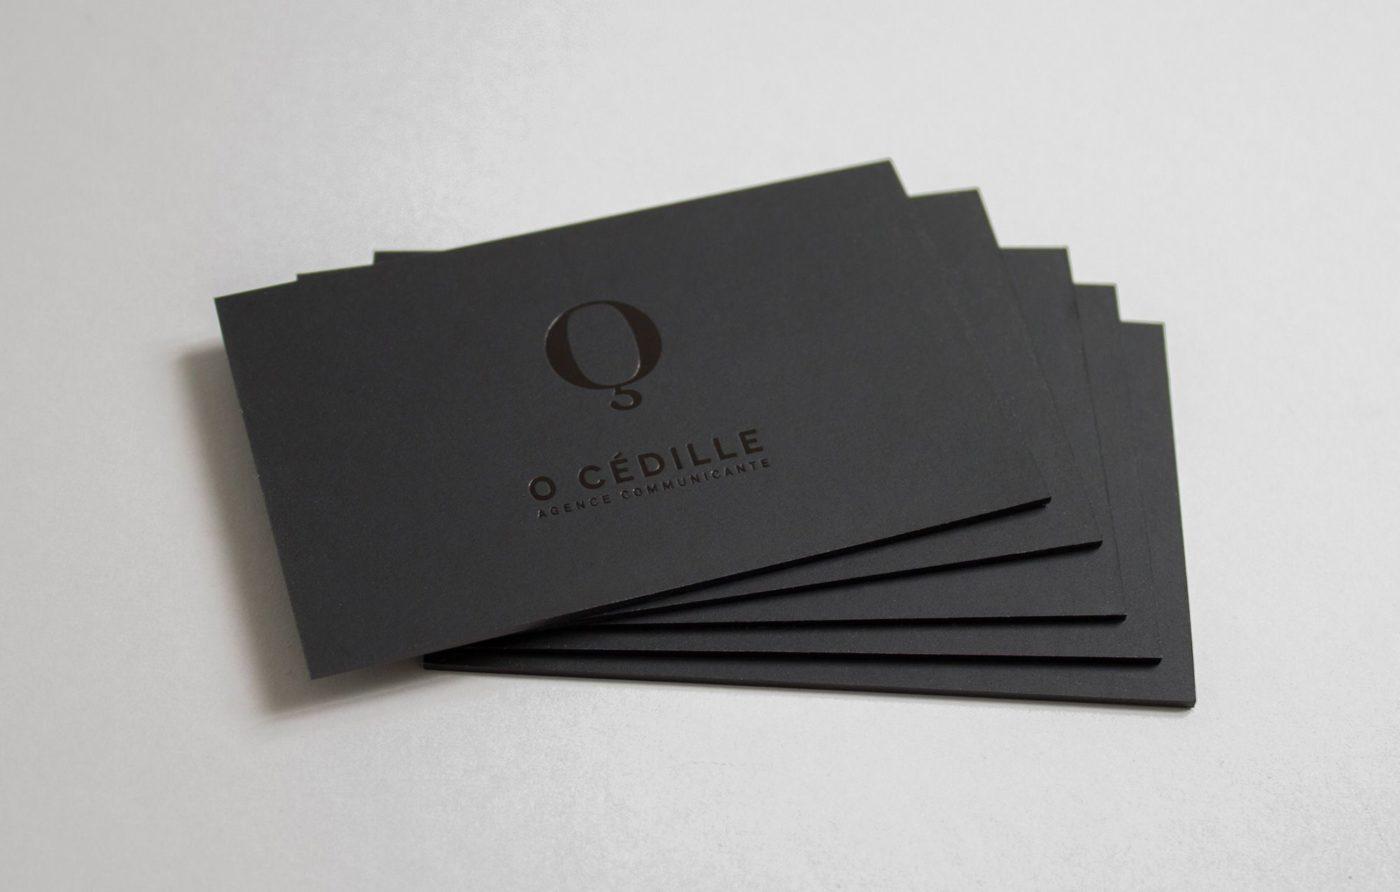 Namecard đặc biệt hơn với phương pháp ép kim đen trên giấy đen